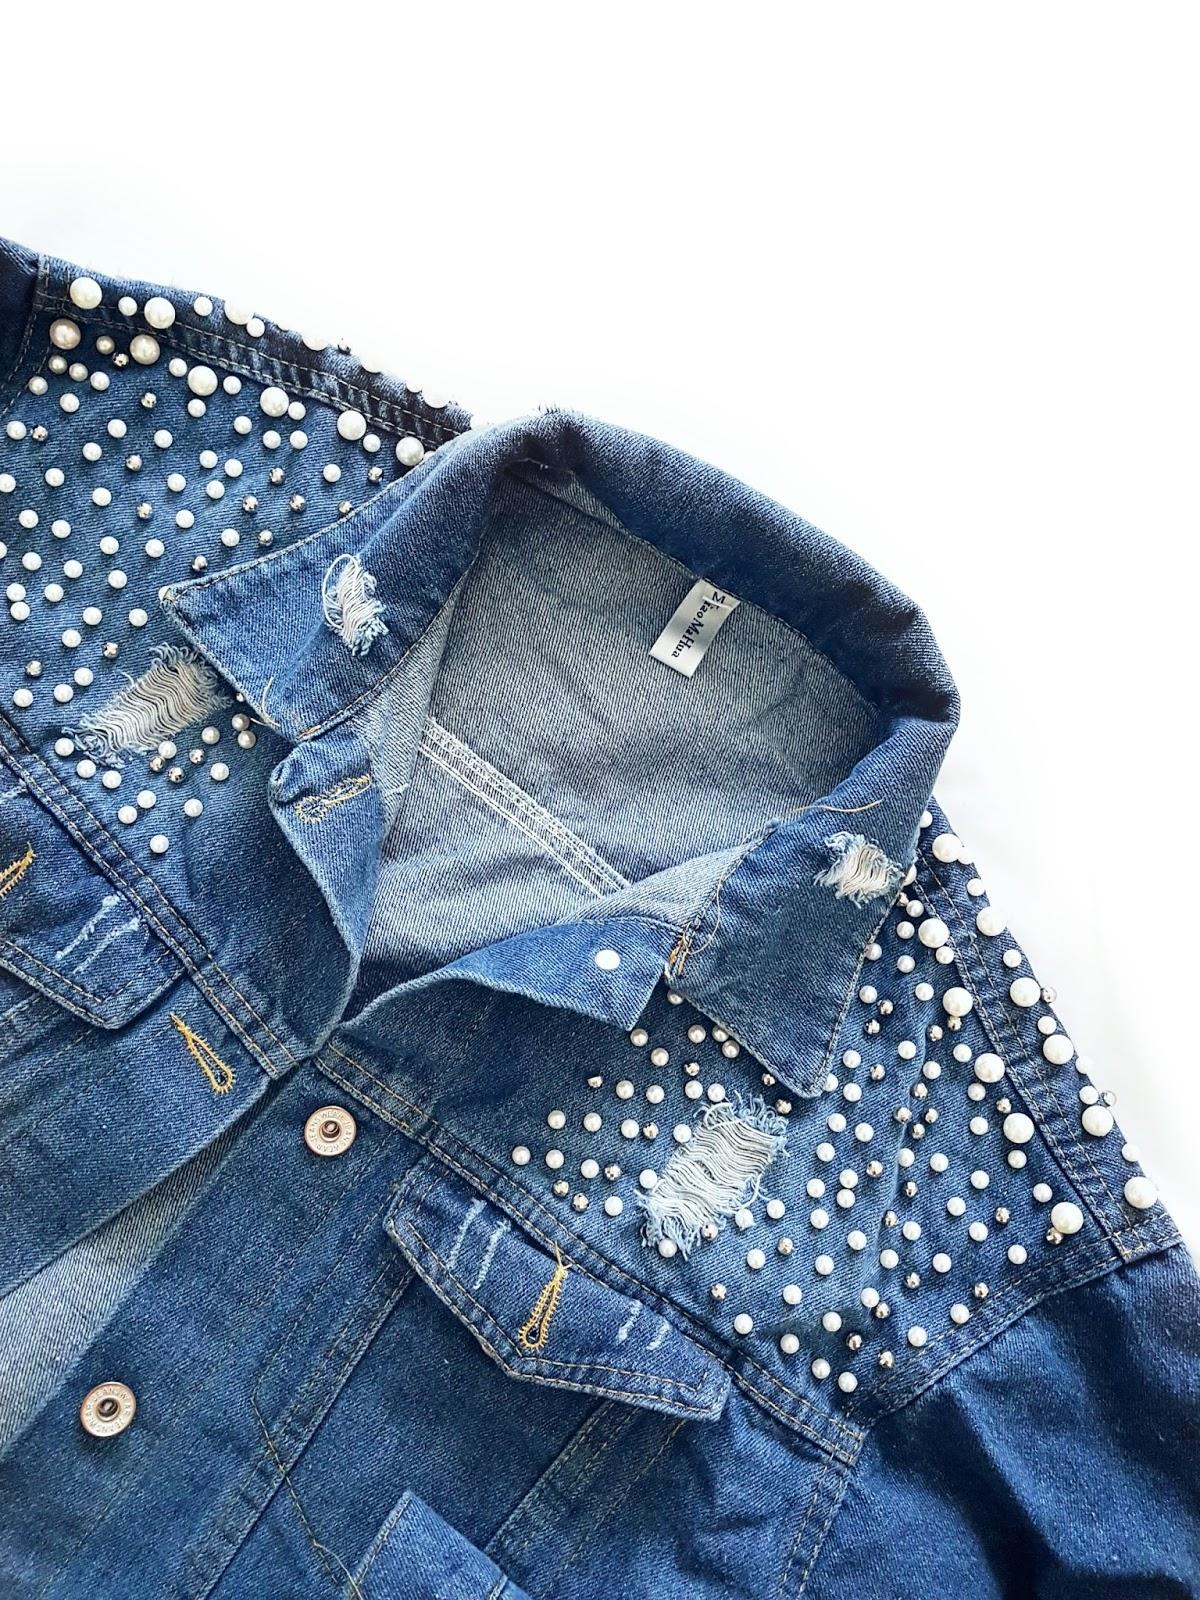 Pearls & pleated midi czyli plisowana spódnica i jeansowa kurtka